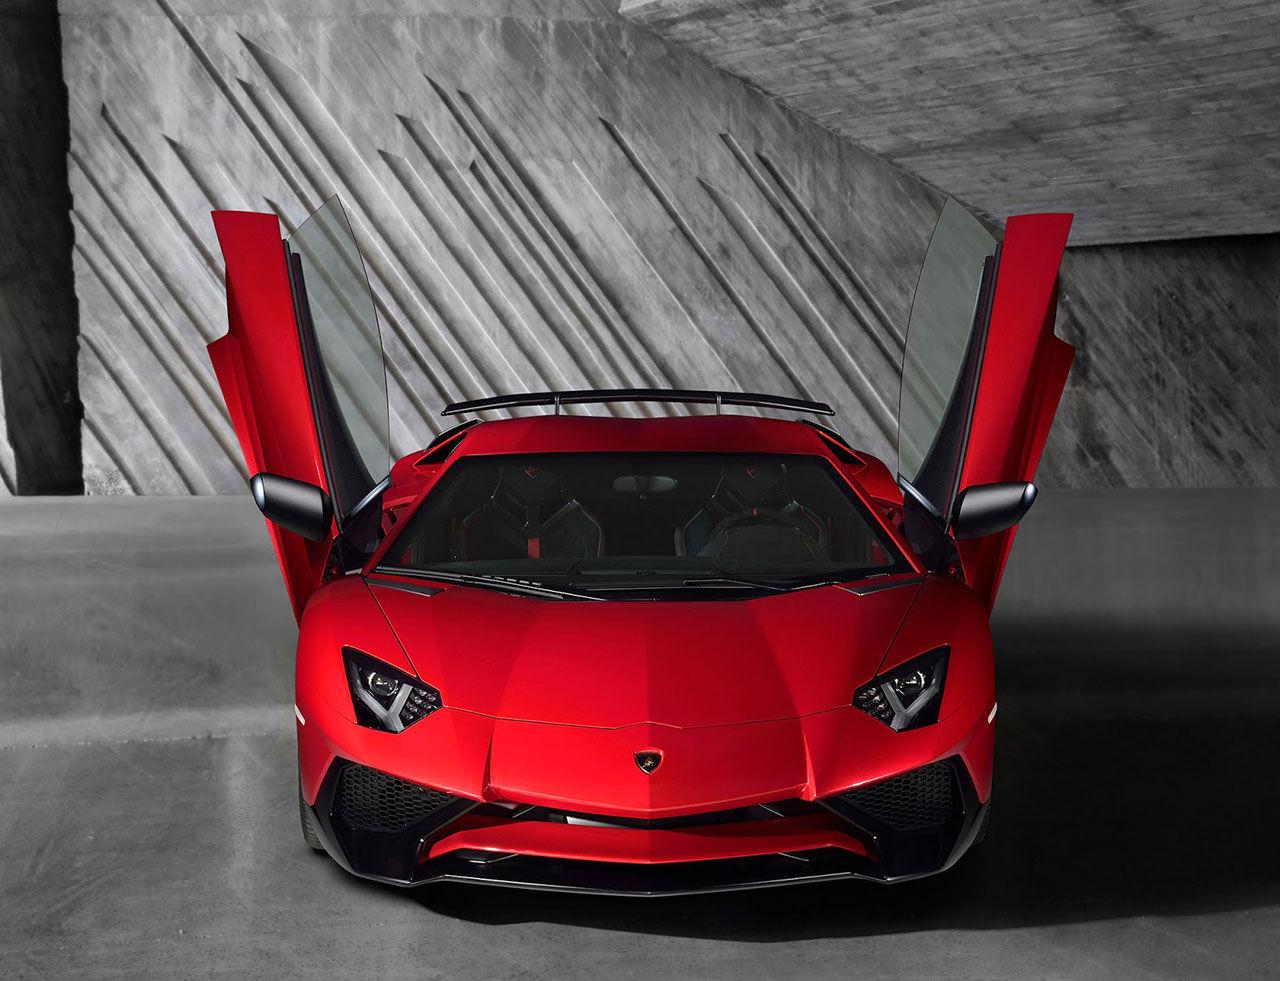 Lamborghini presenterar Aventador LP750-4 SuperVeloce